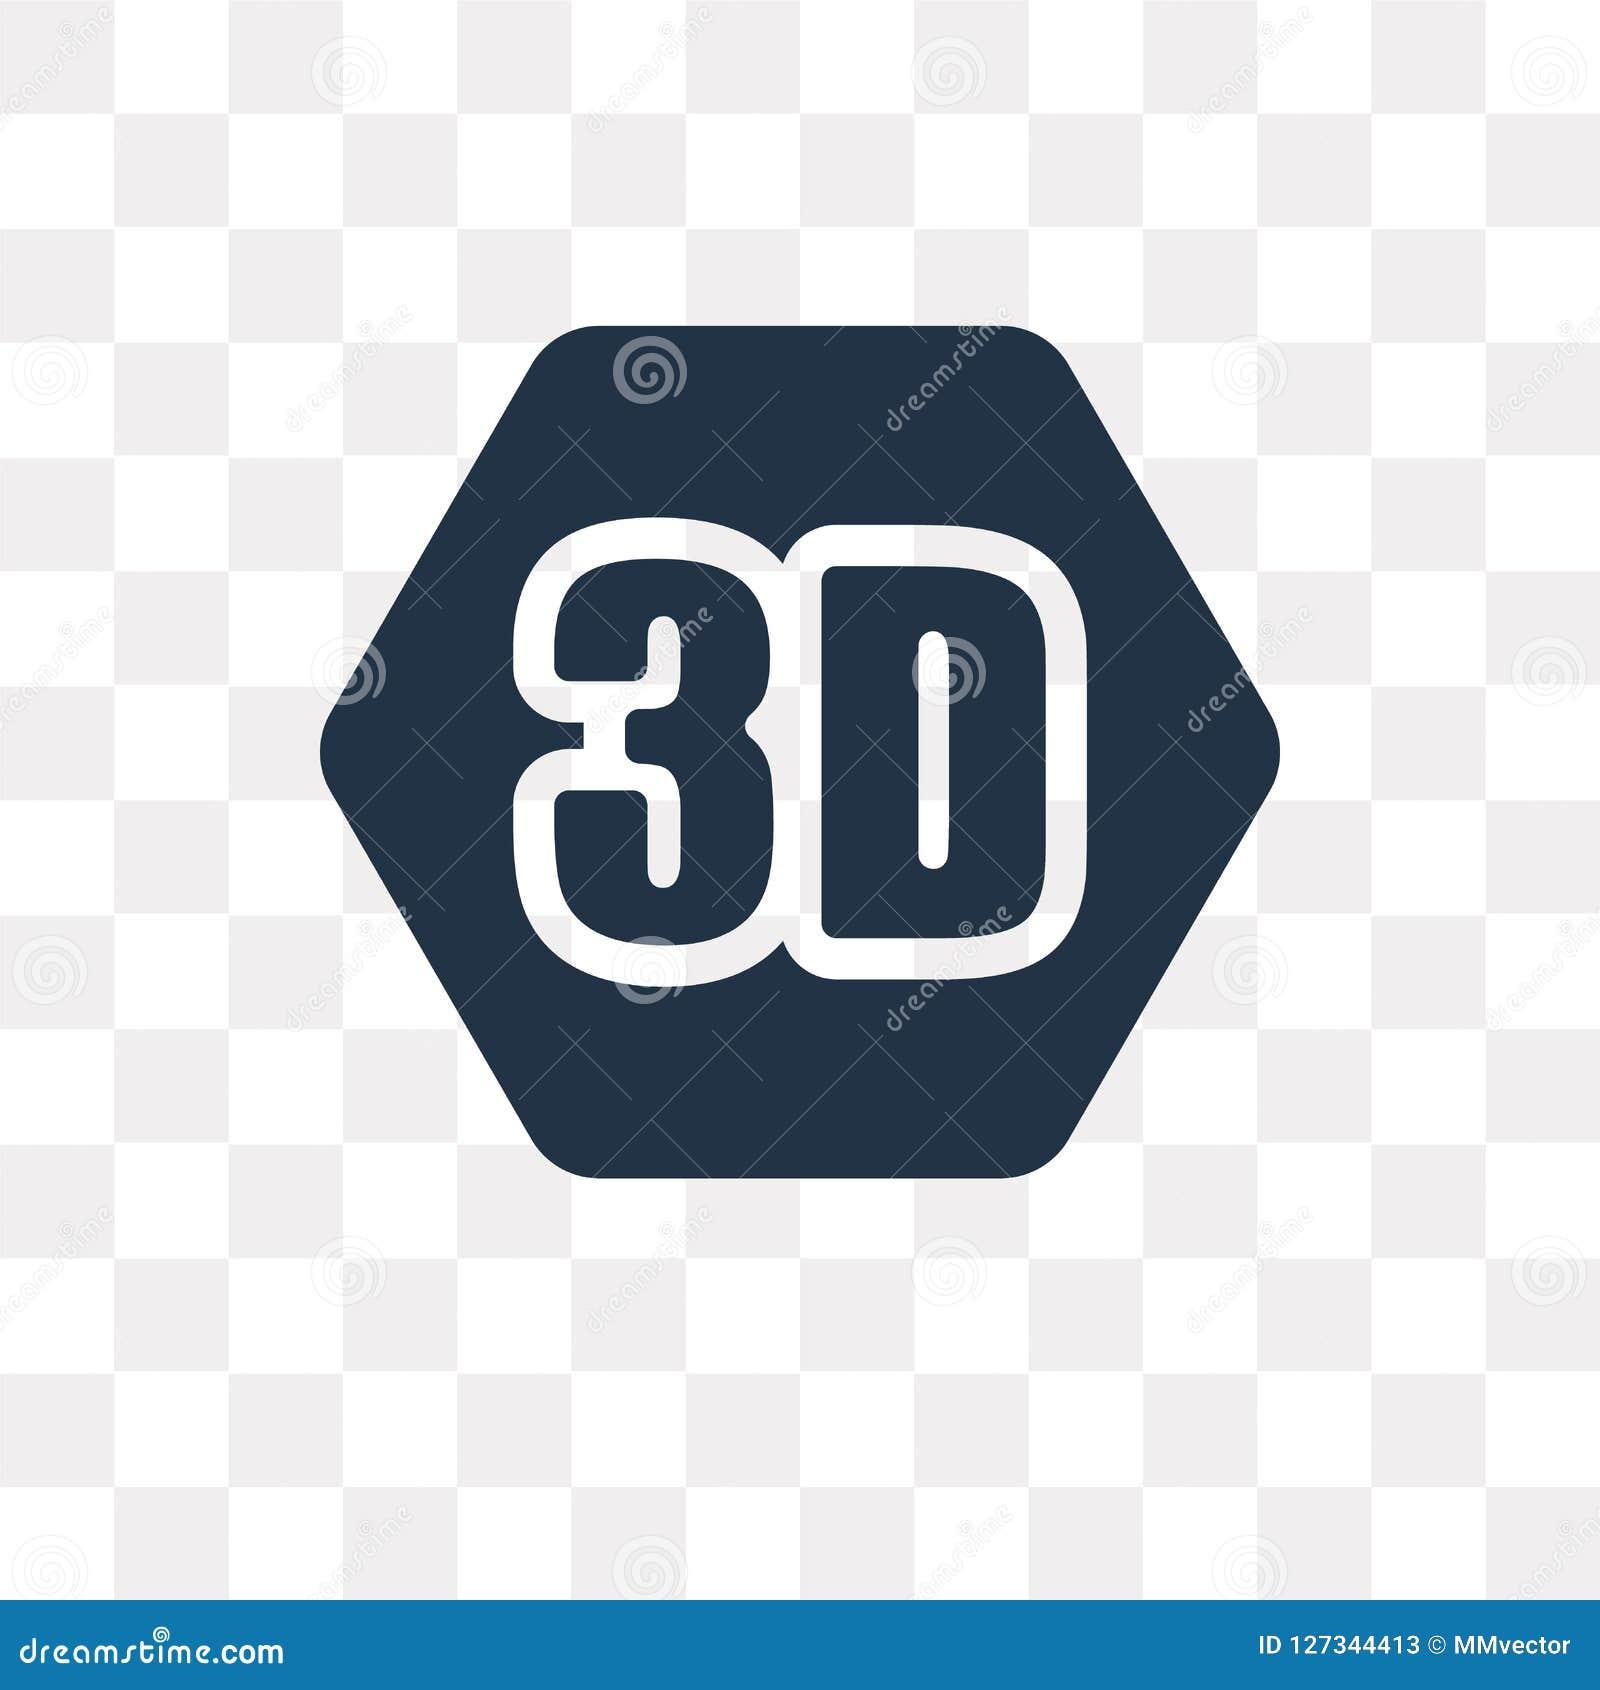 Video icona di vettore 3D isolata su fondo trasparente, 3D Vide